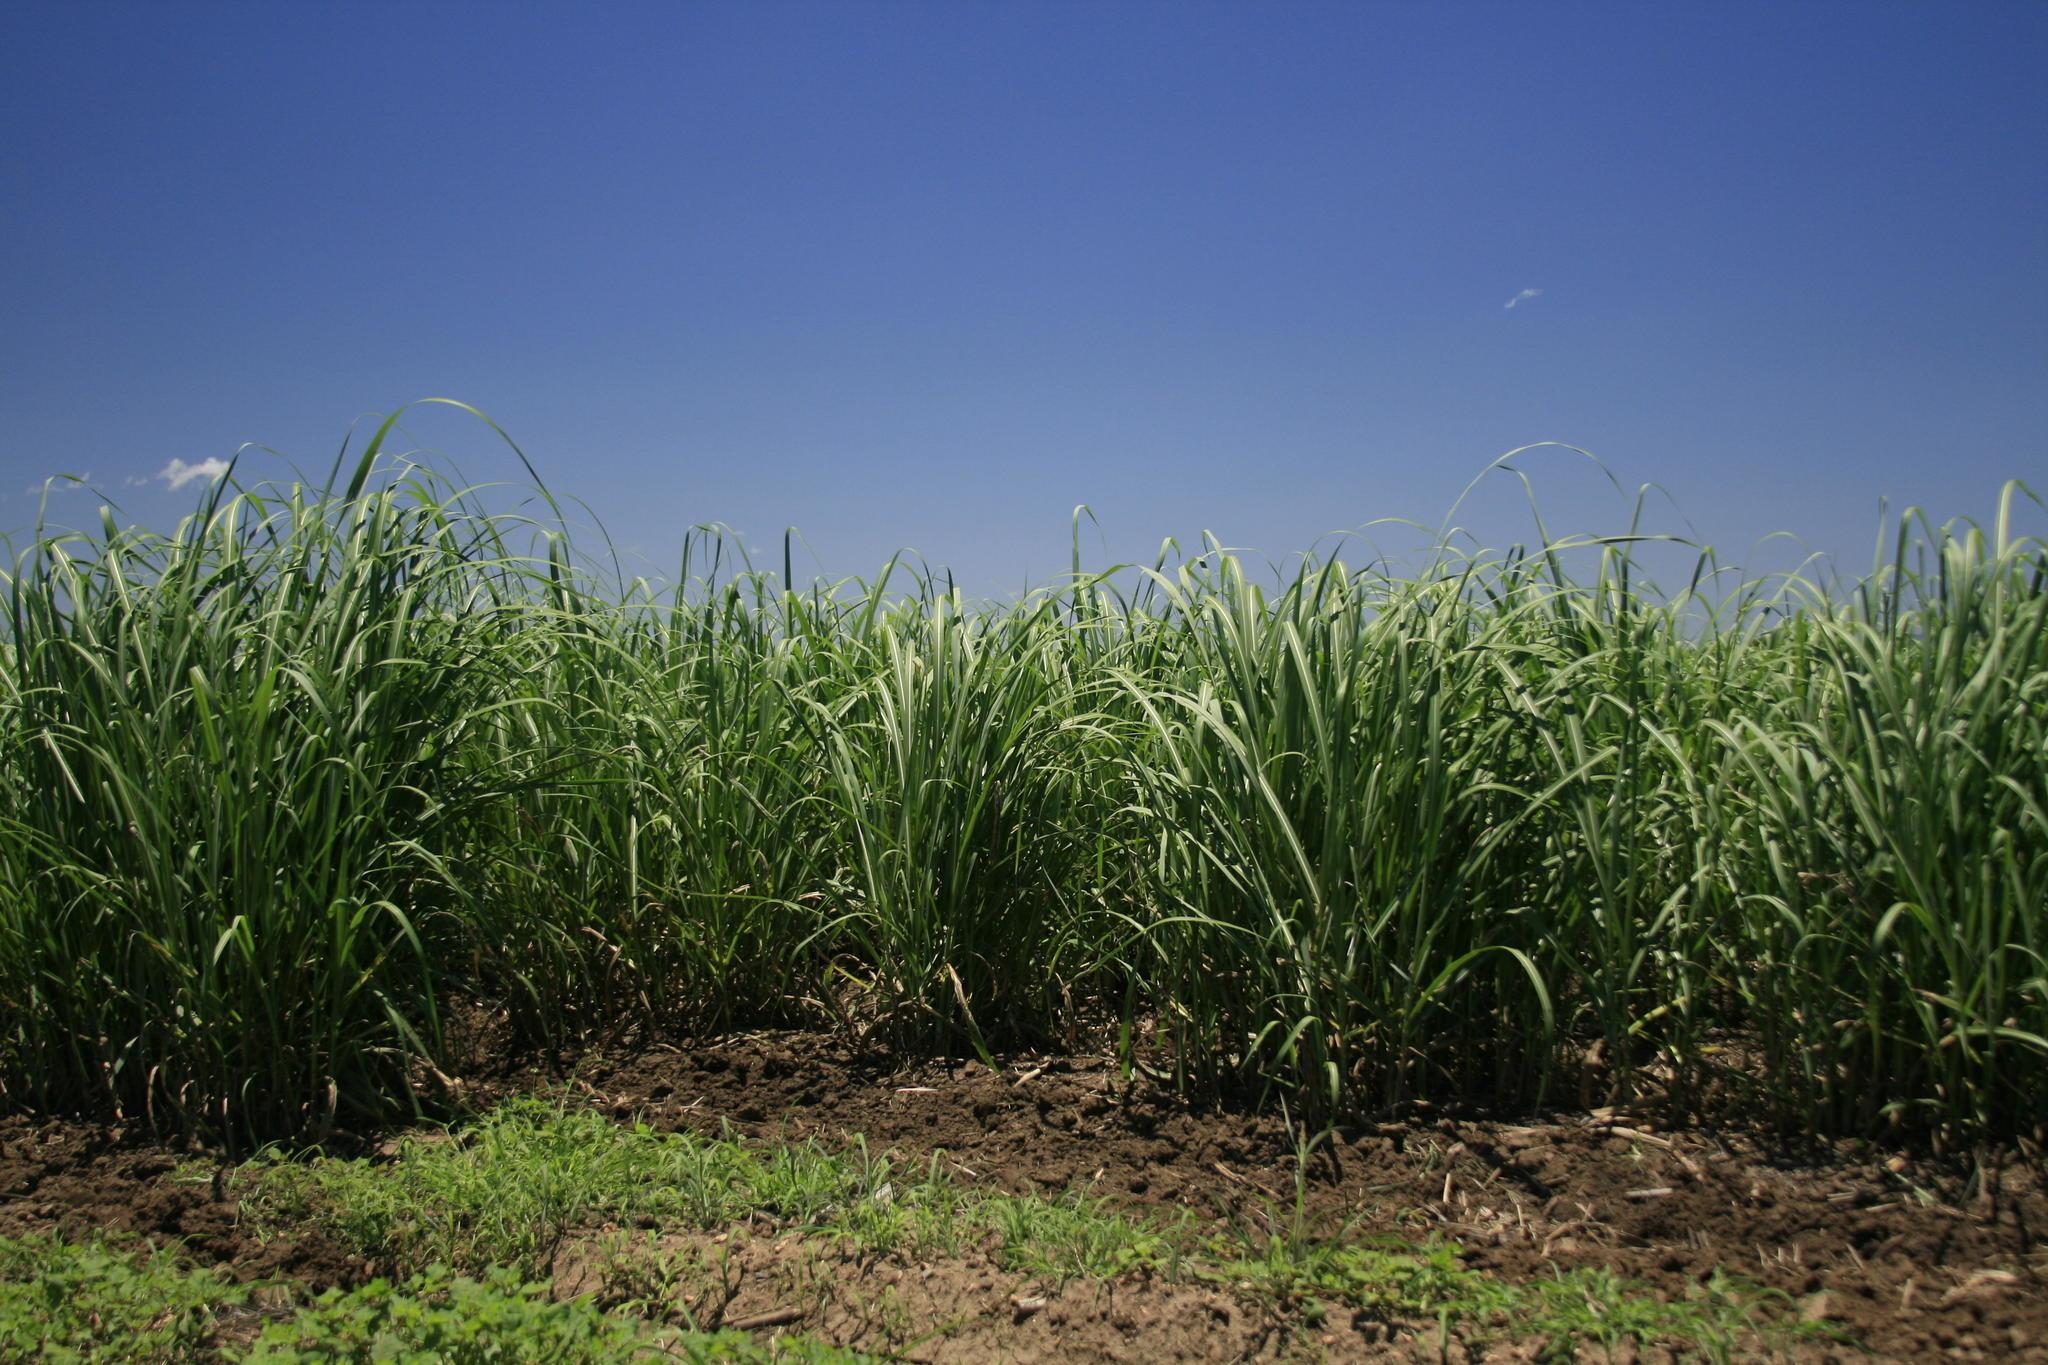 Suikerriet sap